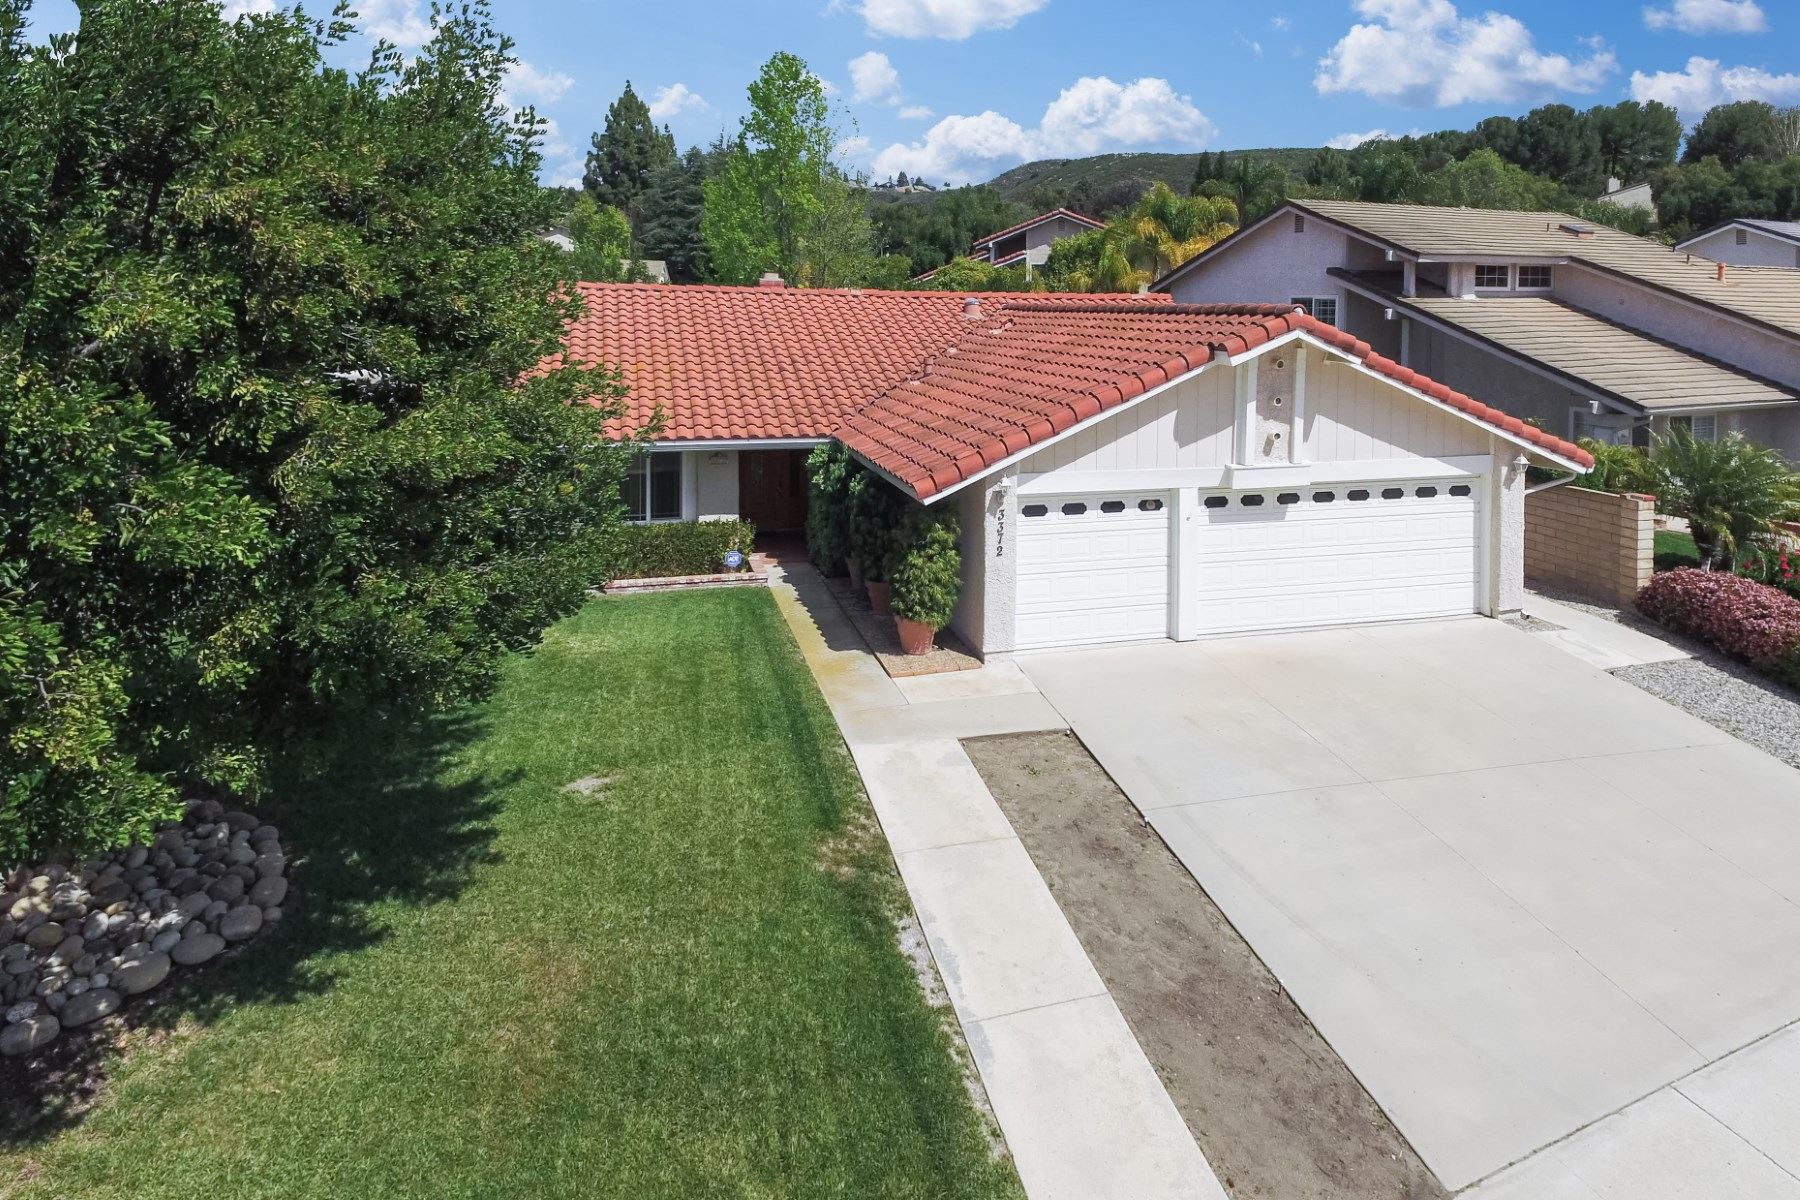 獨棟家庭住宅 為 出售 在 3372AltunaCt.com 3372 Altuna Court Thousand Oaks, 加利福尼亞州, 91360 美國